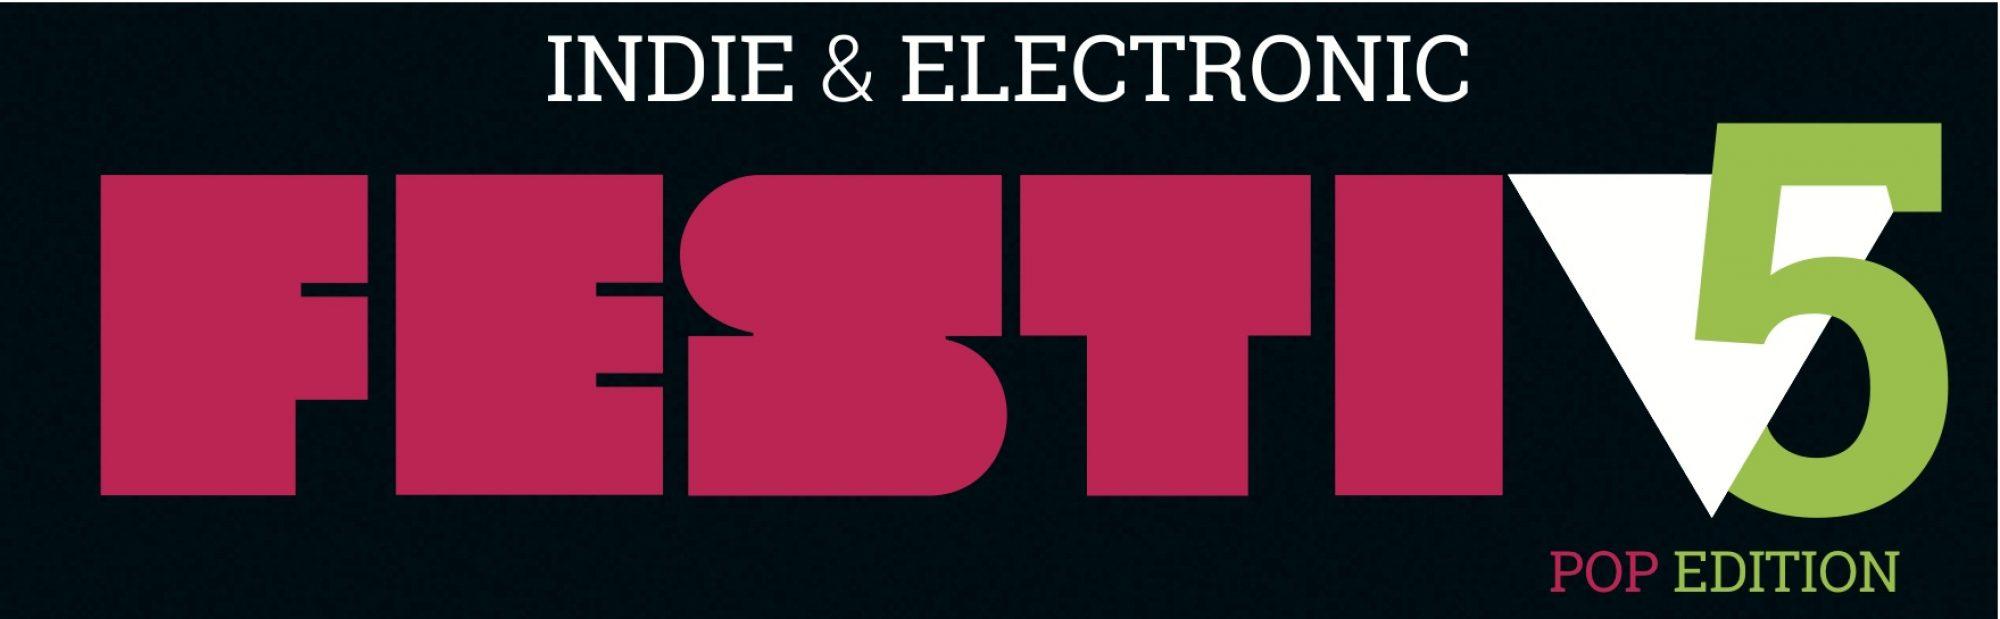 Indie und Electronic FESTIV